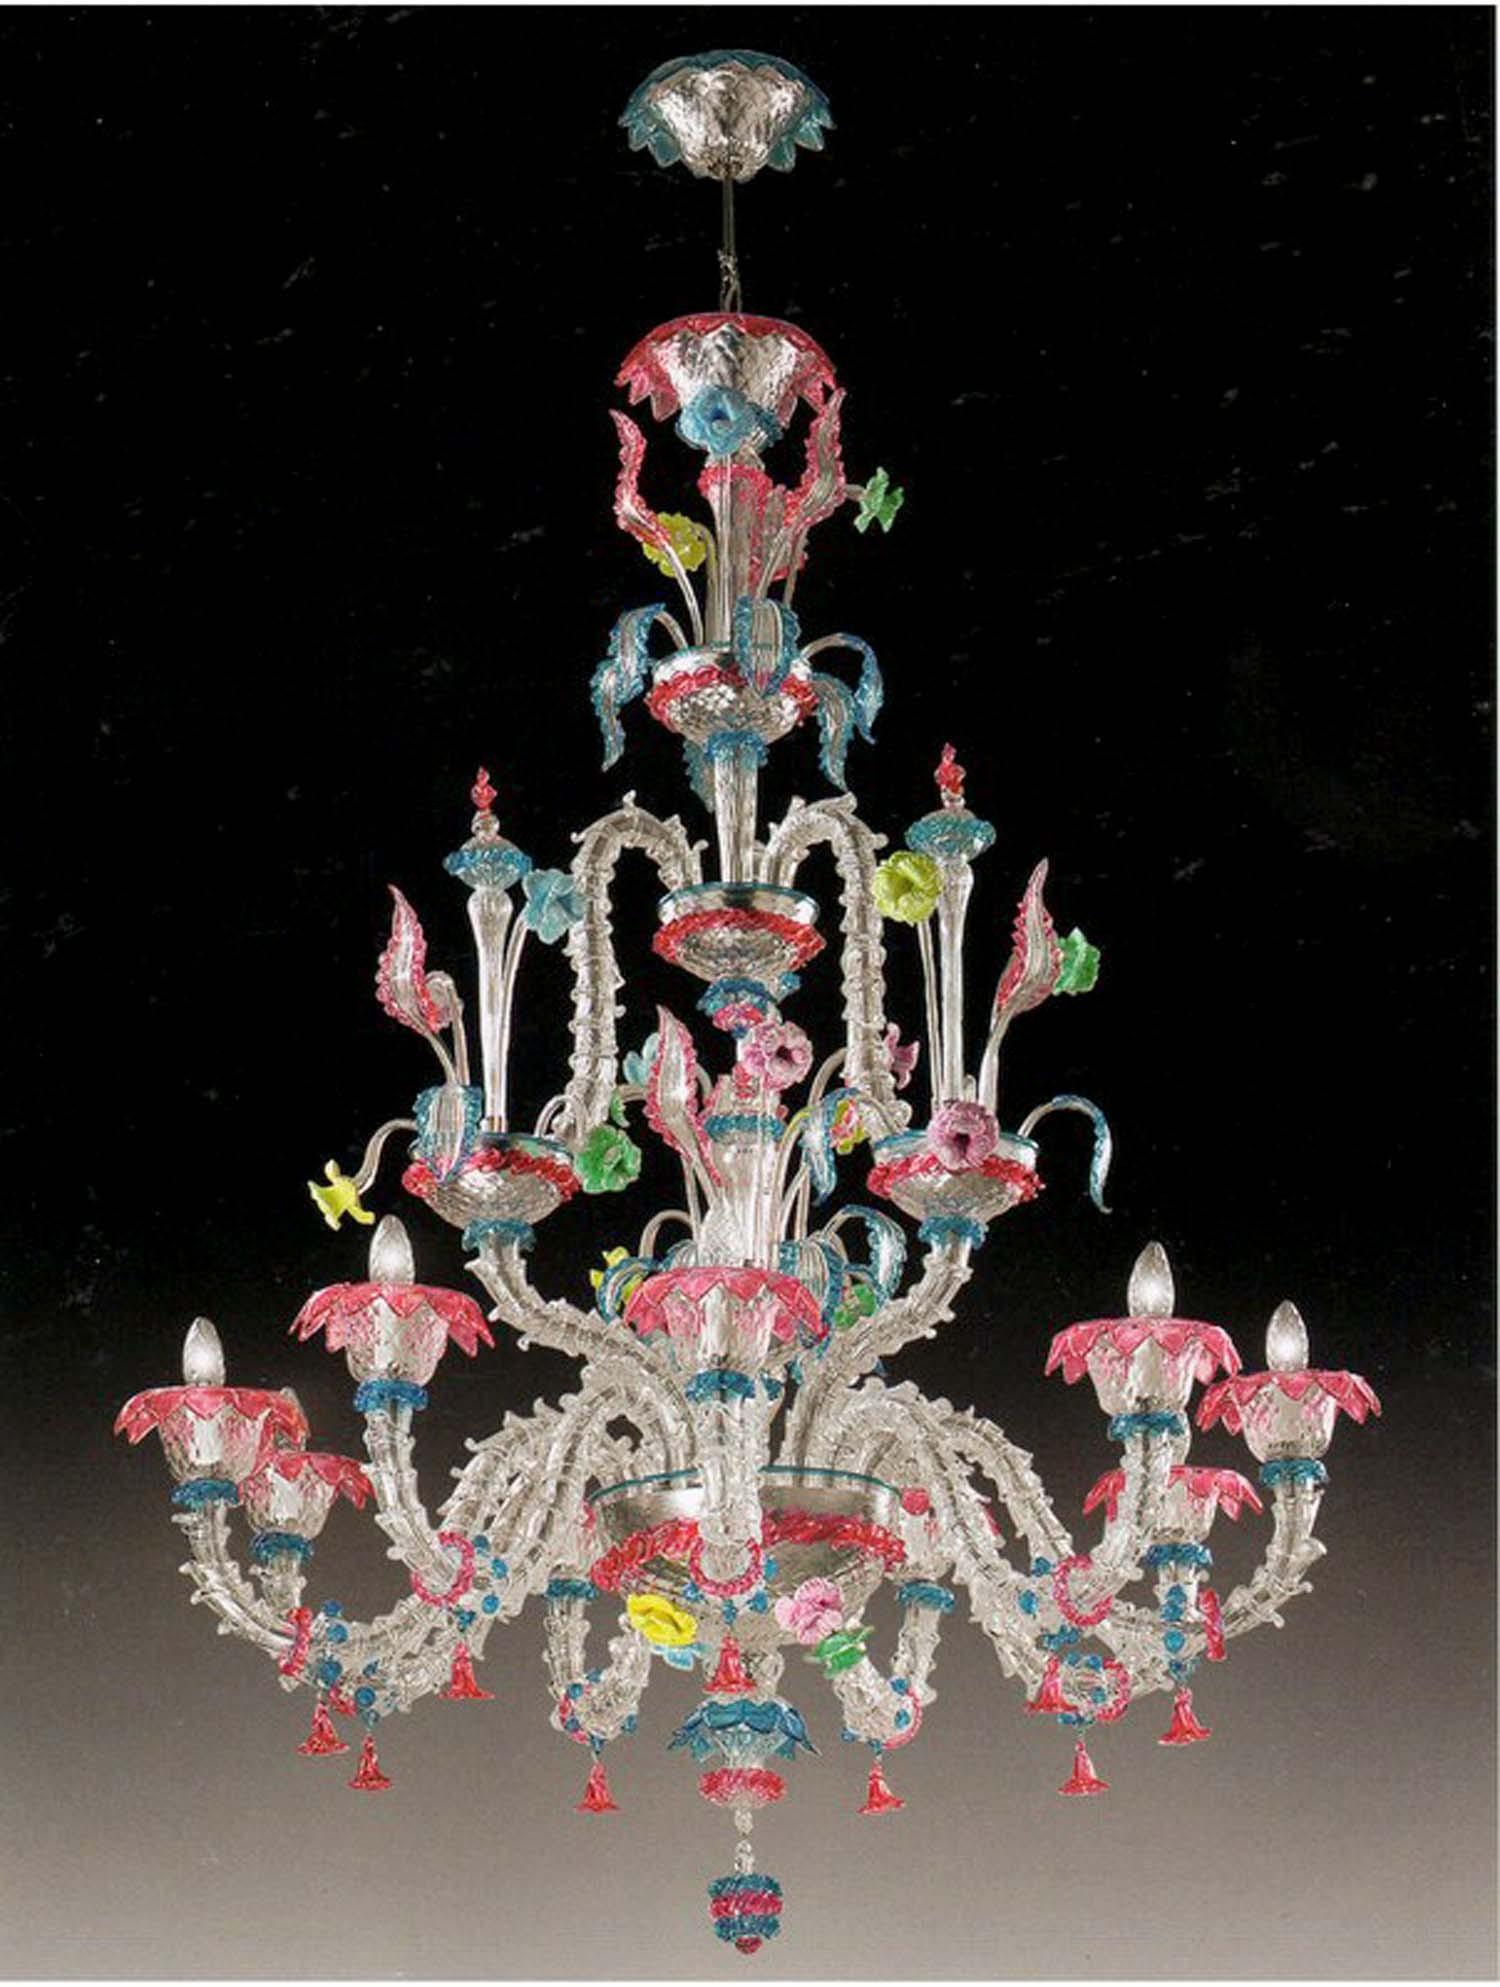 Realizziamo lampadari rezzonico su misura del cliente. Lampadario Murano 9 Luci Multicolor Voltolina Ca Rezzonico